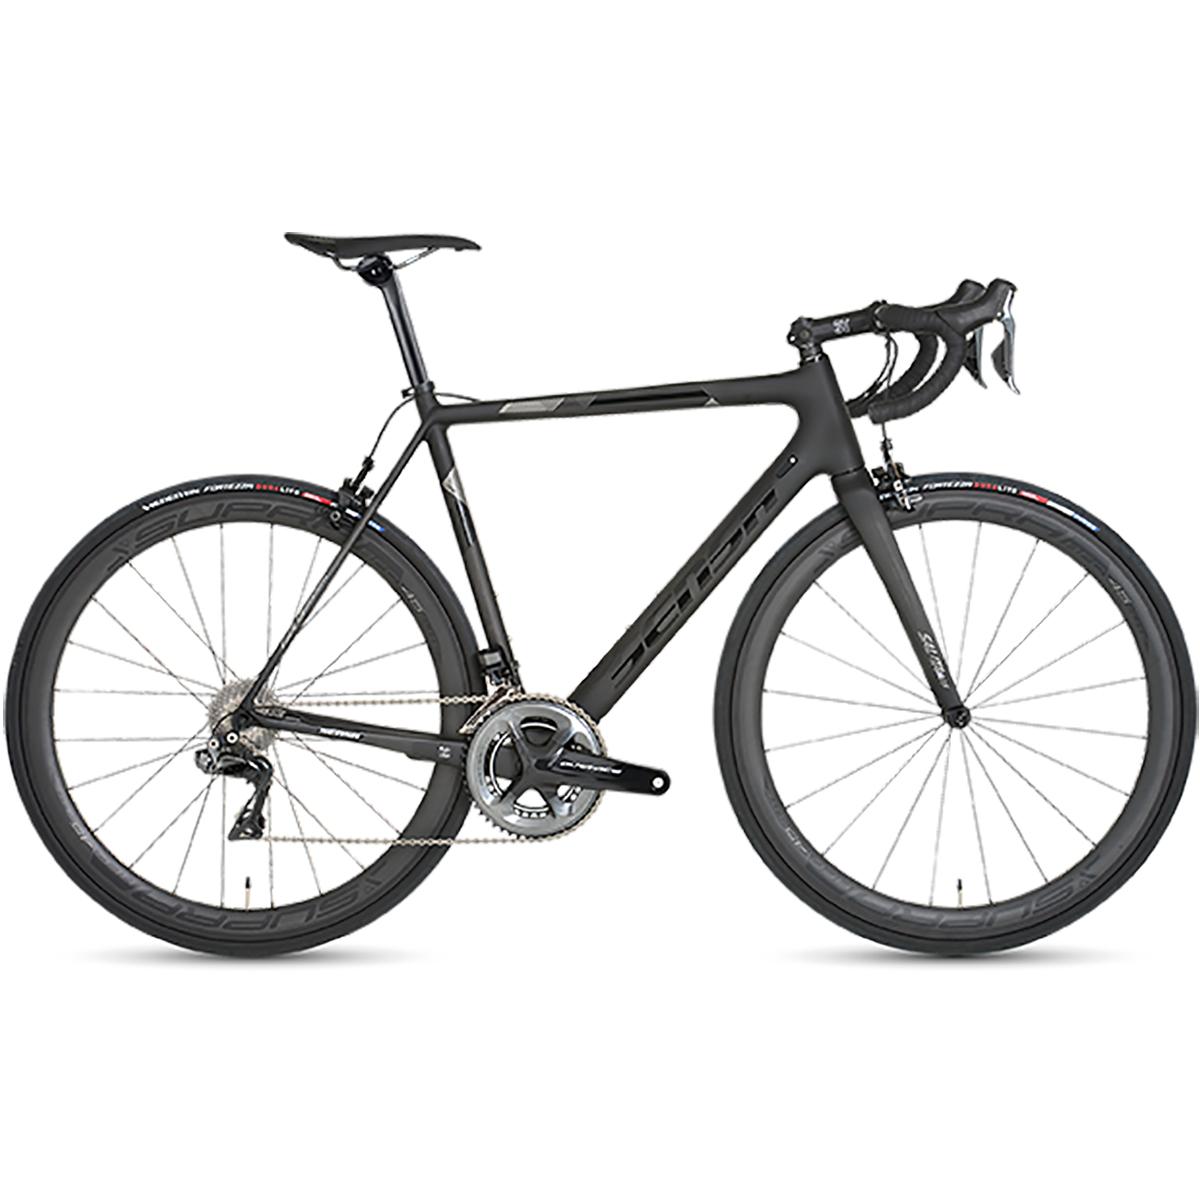 Sensa Giulia SL Dark Ultegra Road Bike - 2019